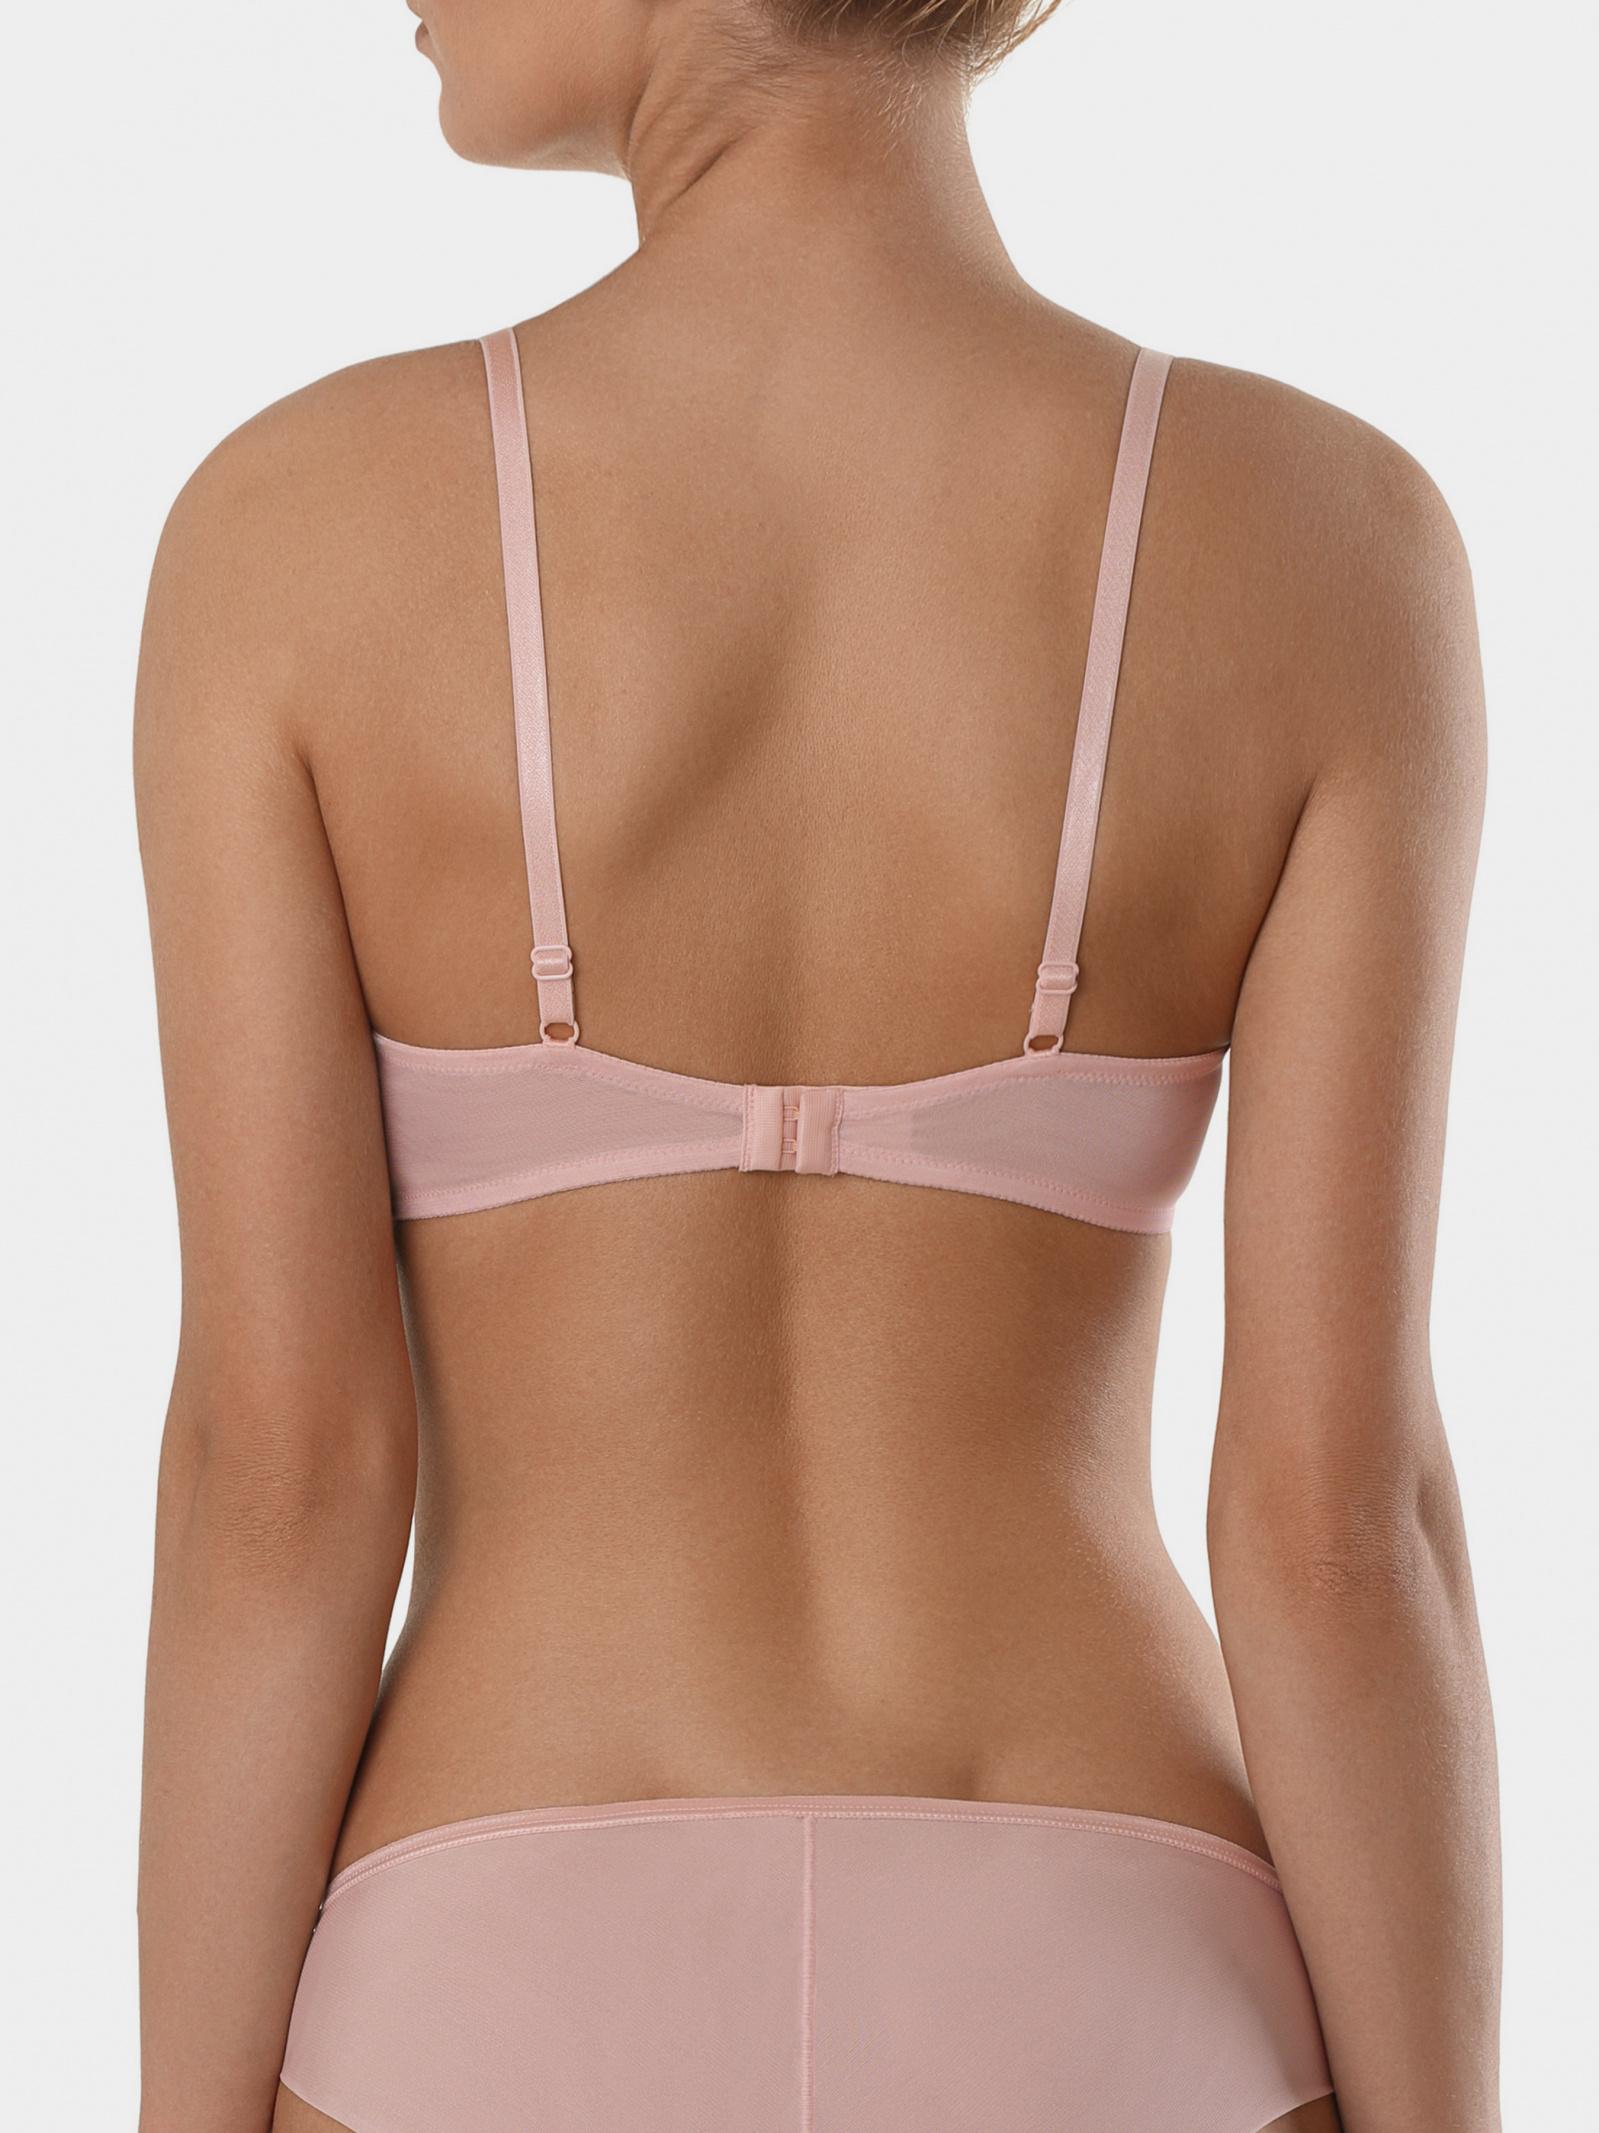 Женское белье conte купить бюстгальтер массажер груди